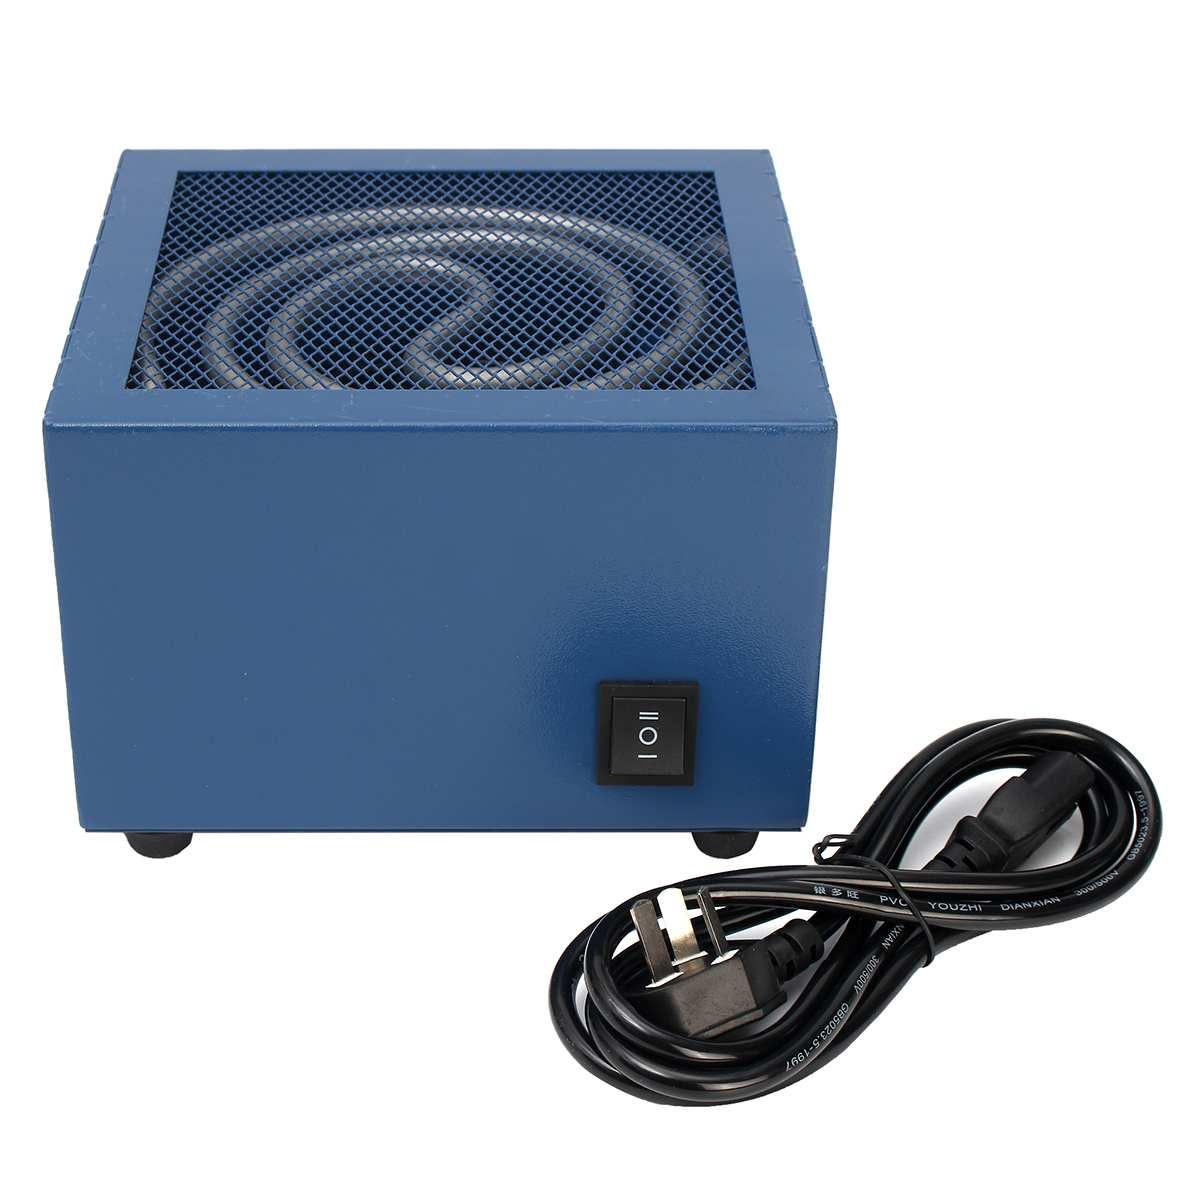 220 В сушильная машина для сушки часов запчасти инструмент для ремонта и ювелирных изделий металлические аксессуары для часов горячий возду...